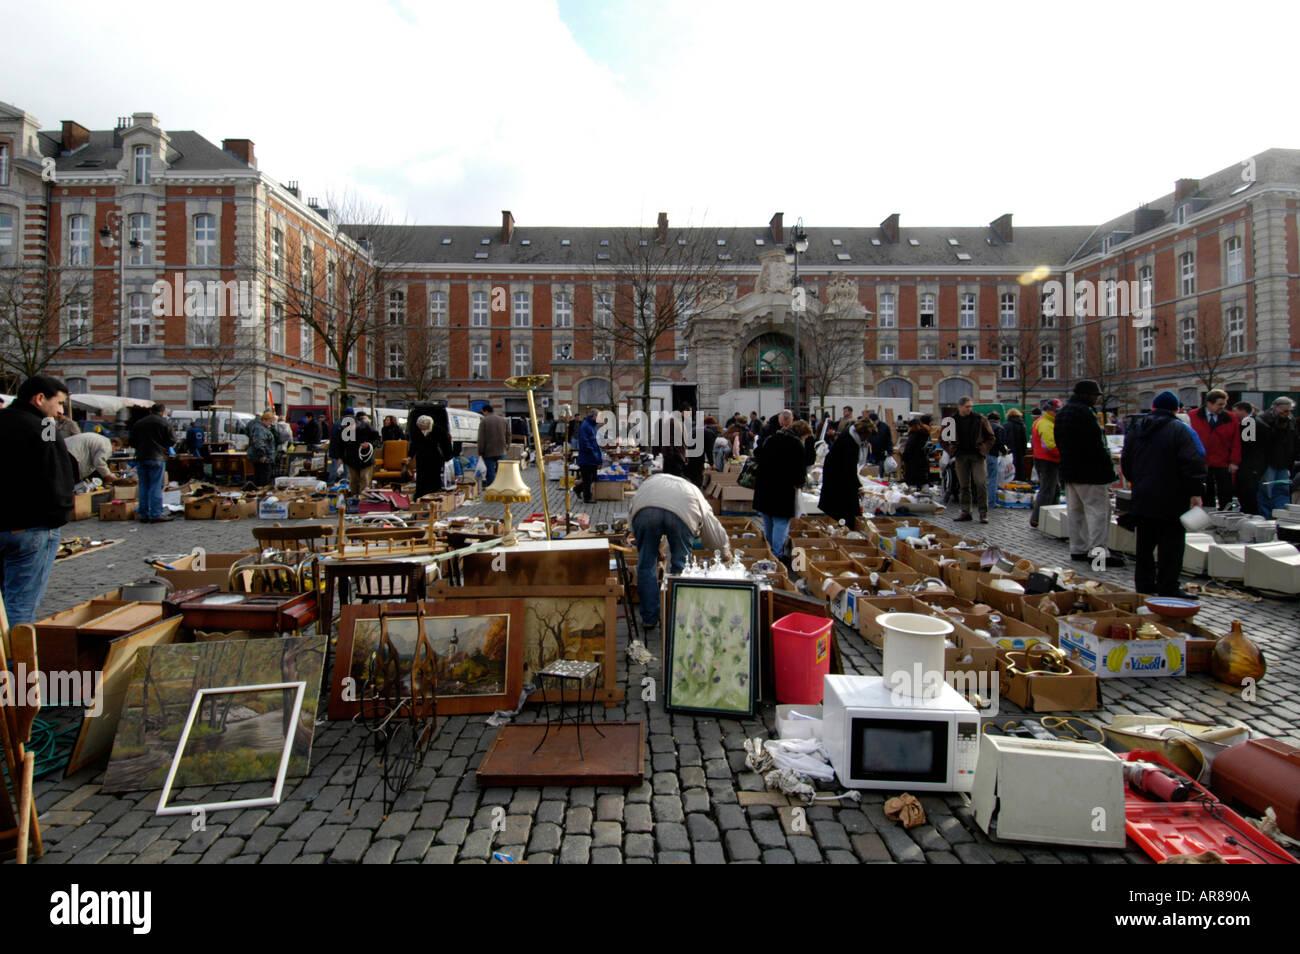 Flea market at Place Jeu de Balle Le Vieux Marche, Brussels Belgium - Stock Image